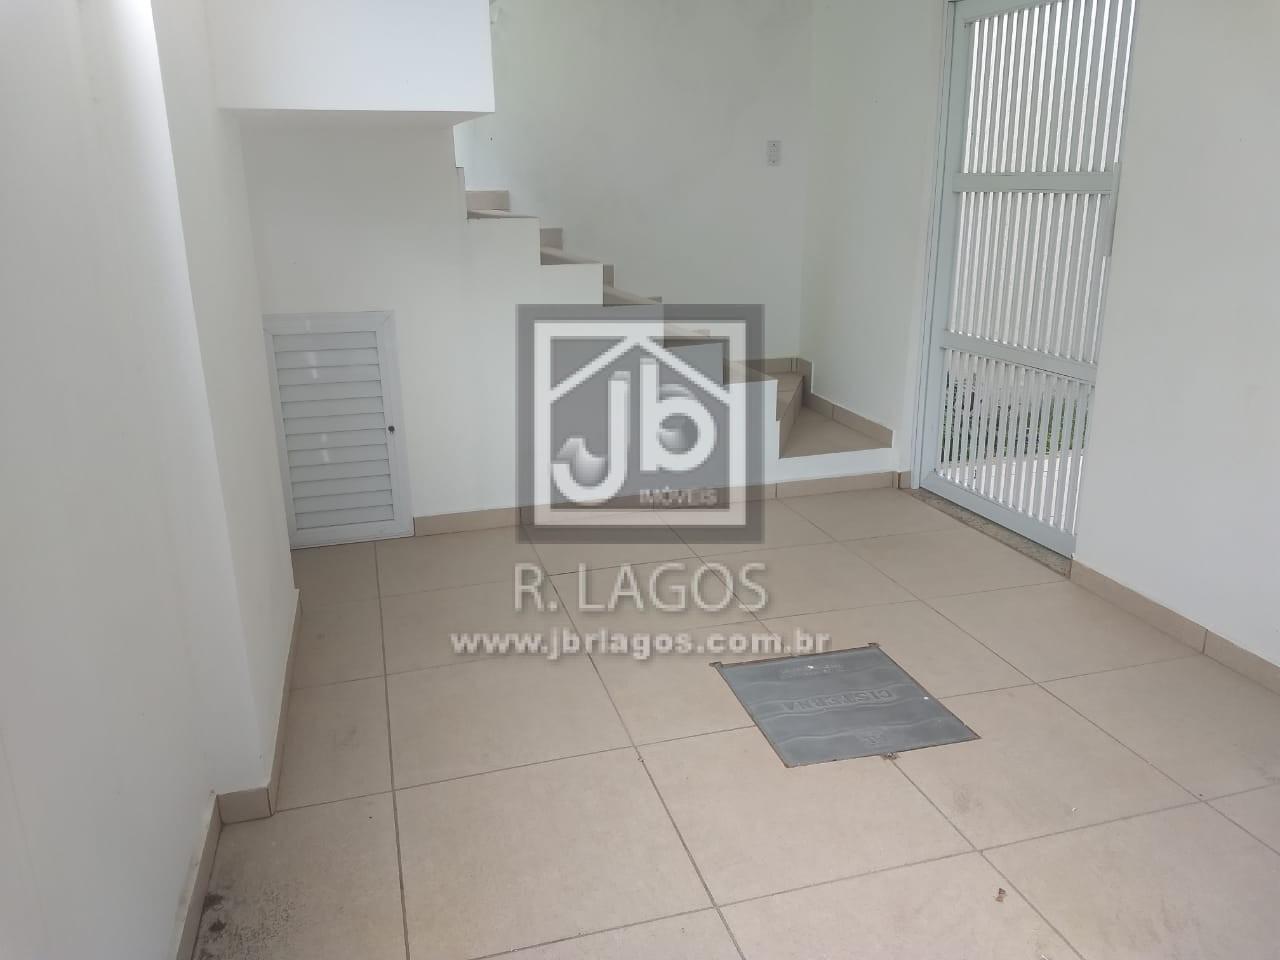 Casa independente, nova e linear, em estado de 1º locação,  perto da Lagoa das Palmeiras e Shopping Park Lagos